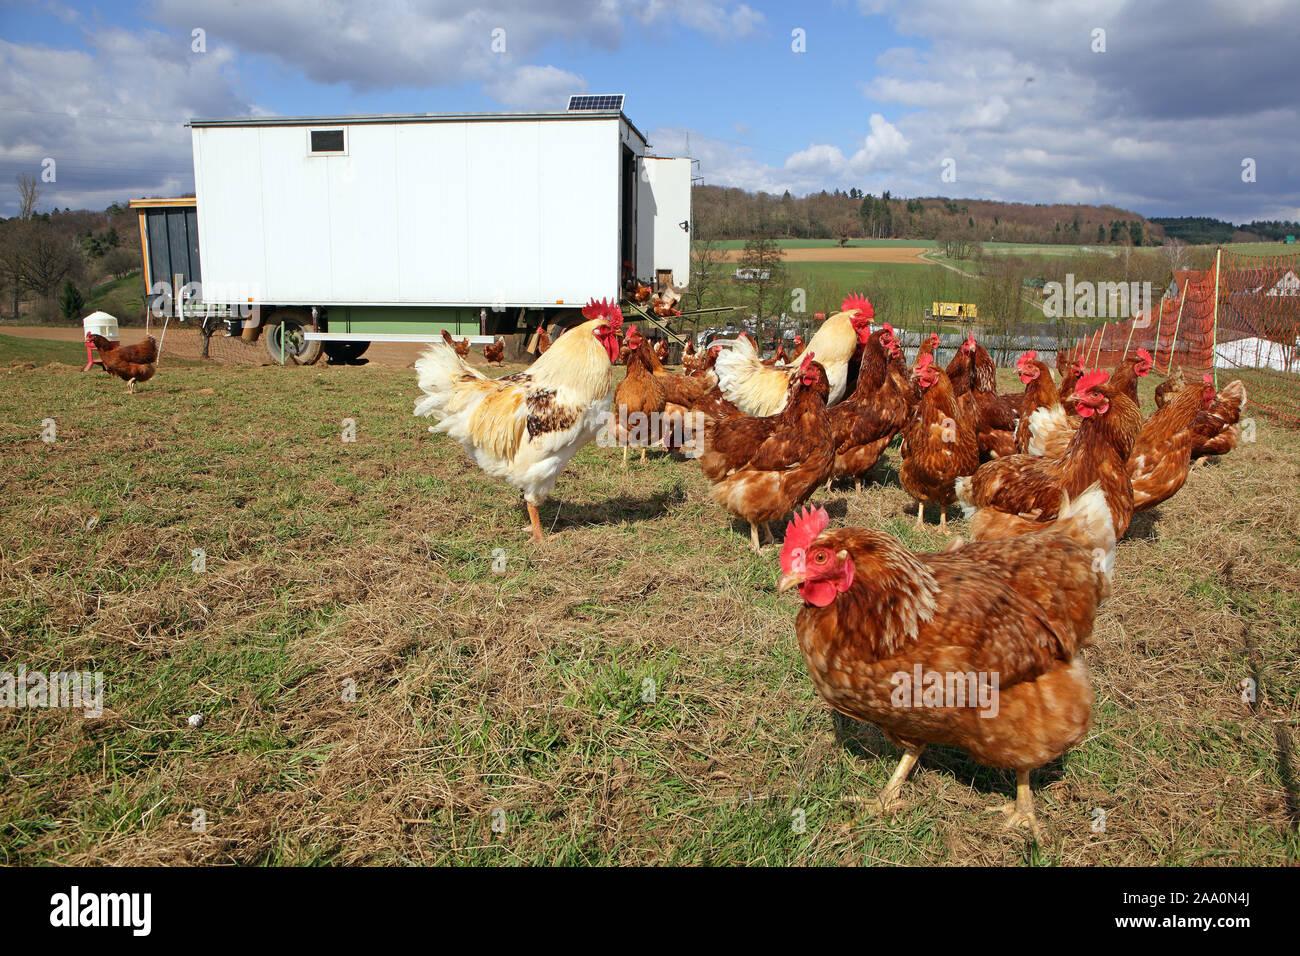 En Freilandhaltung mit Auslauf Hühner auf einer Wiese. Im Hintergrund steht ein Hühnerhaus móviles. Foto de stock